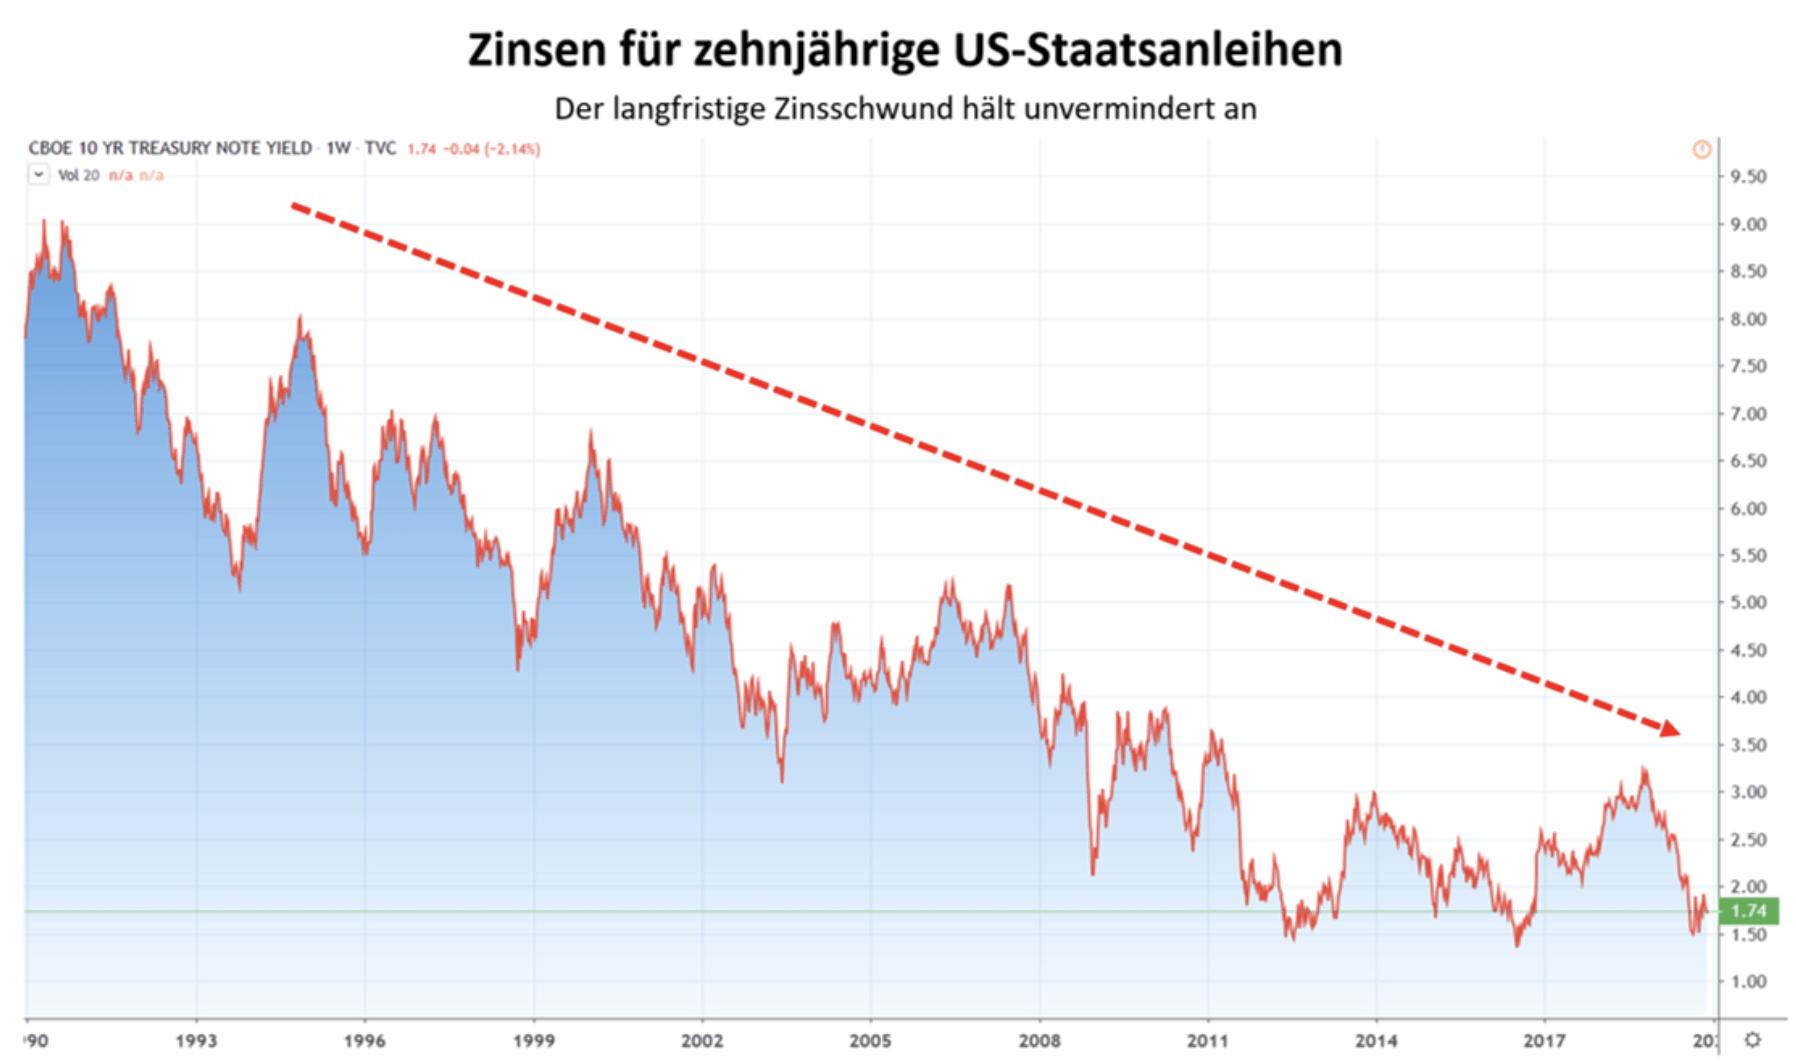 Zinsen 10 Jahre USA